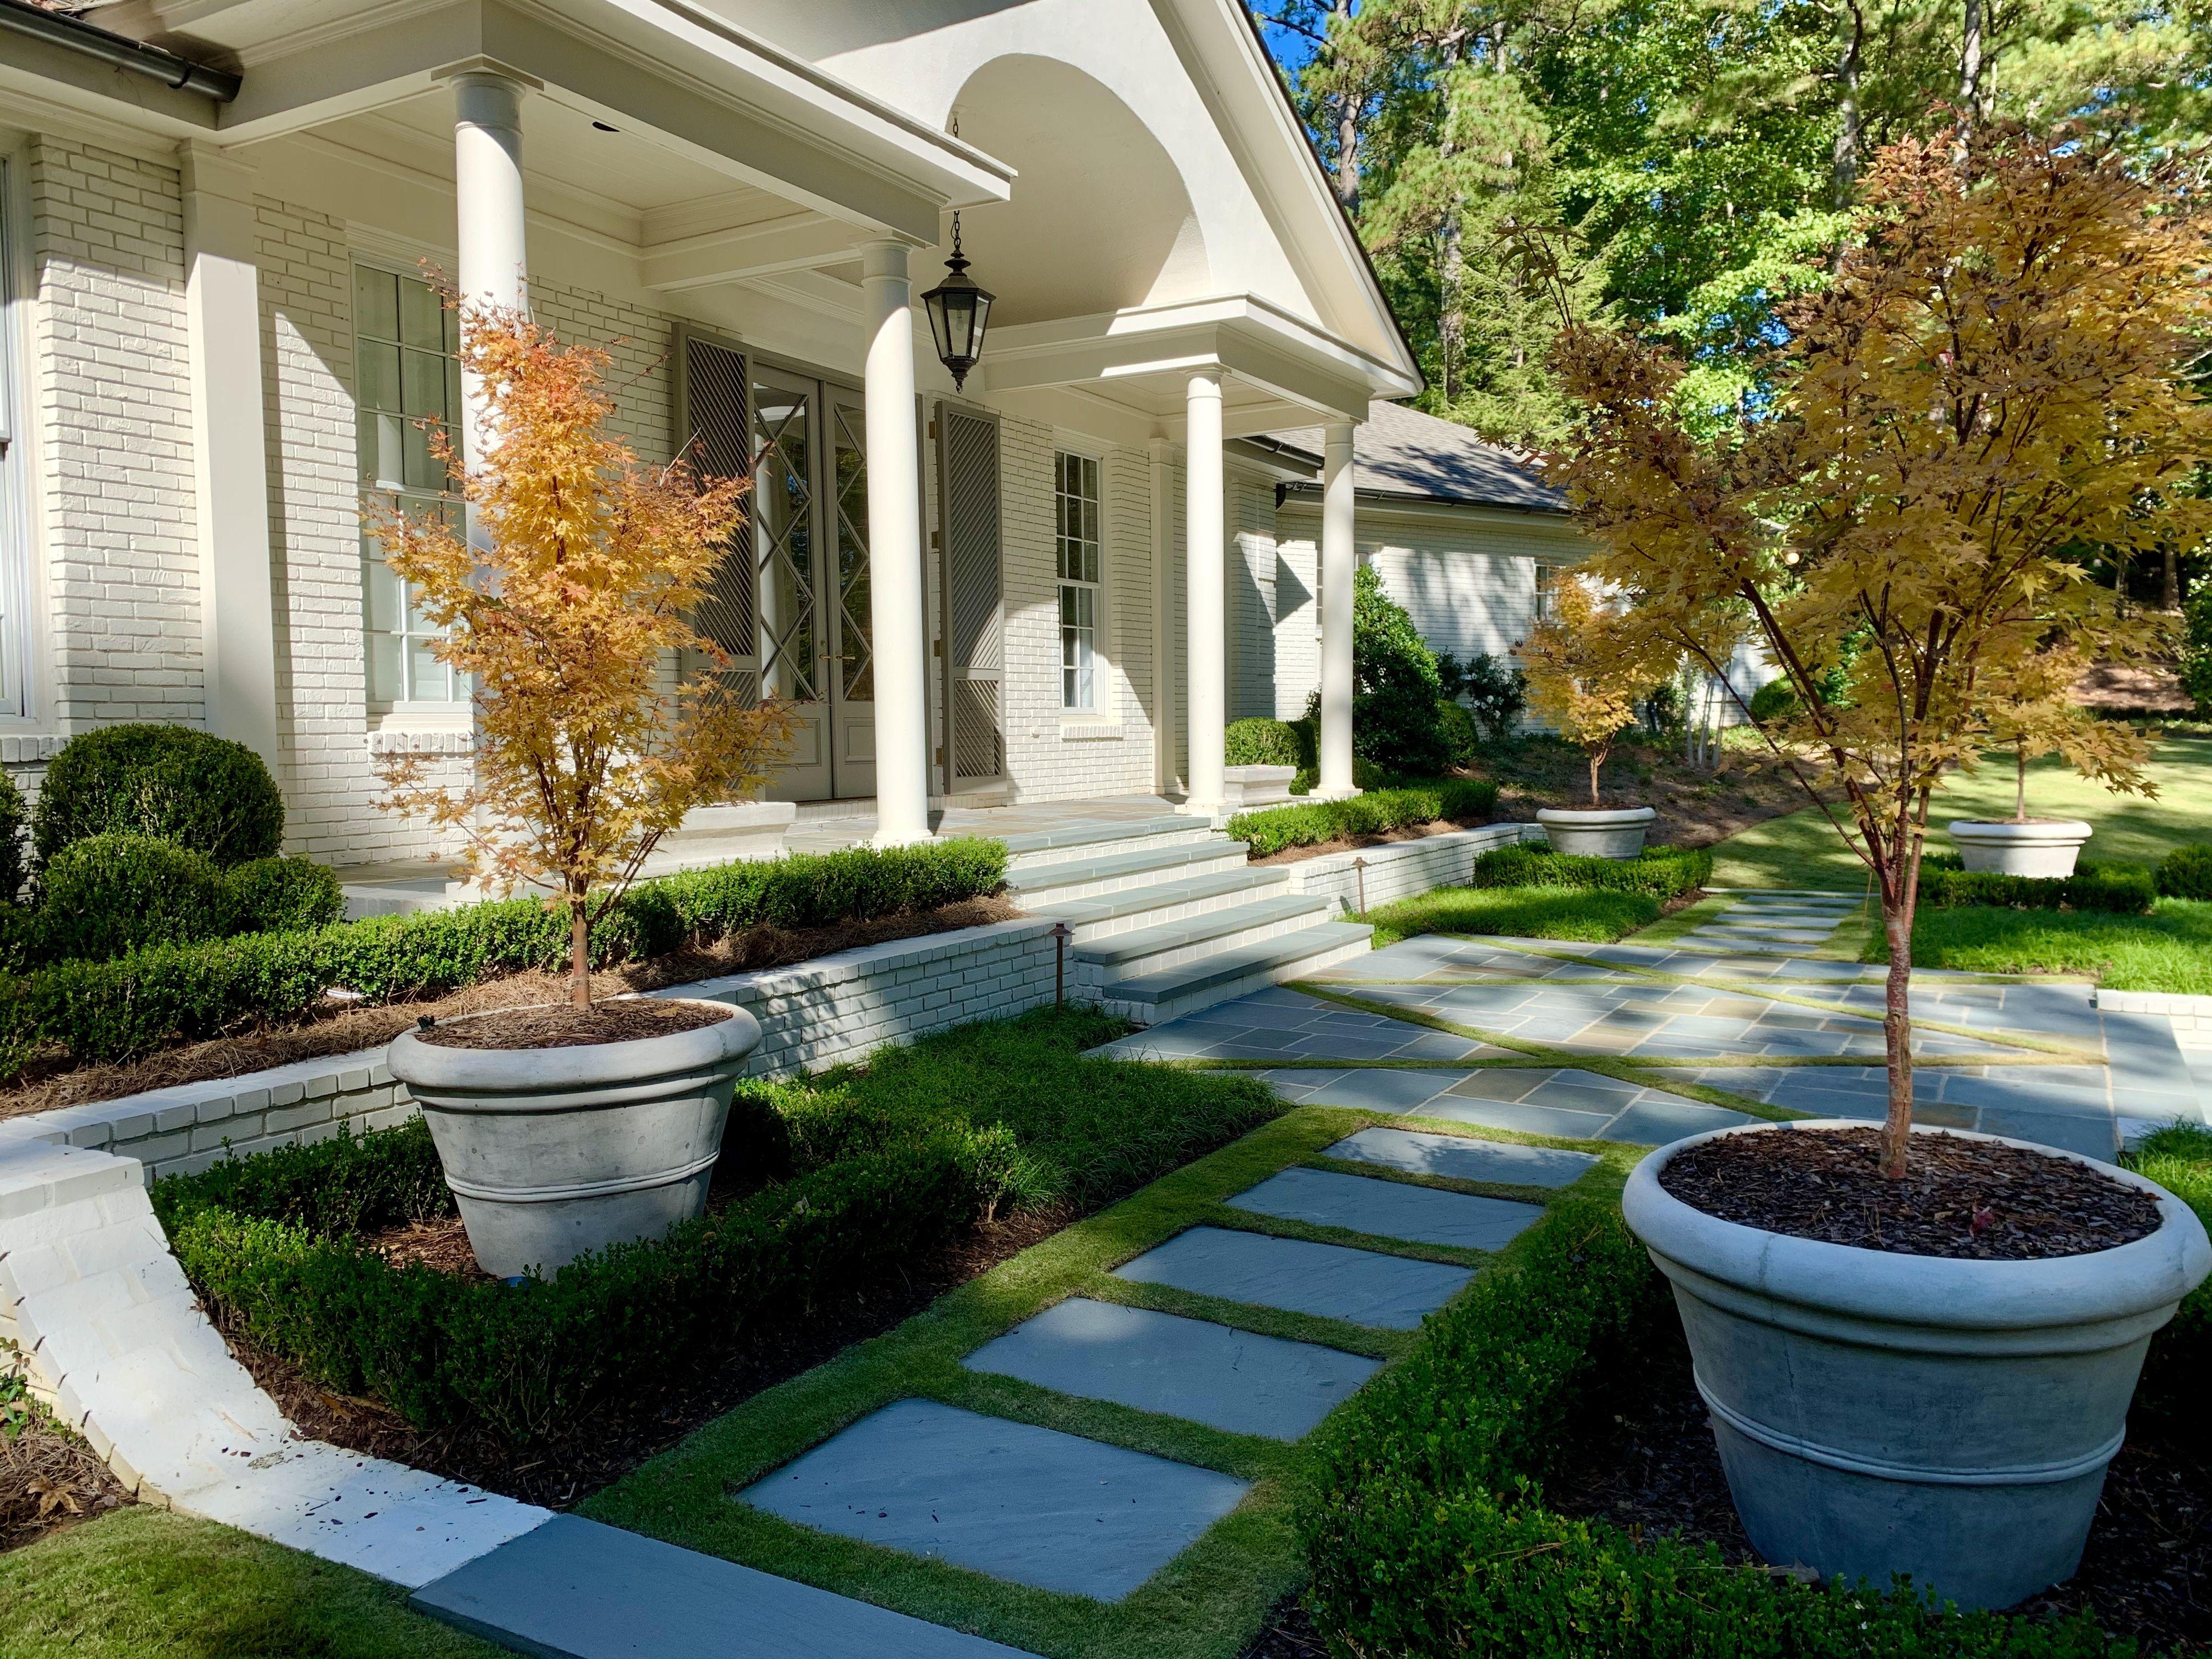 Fall Landscapes House Landscape Landscape Design Landscaping Images